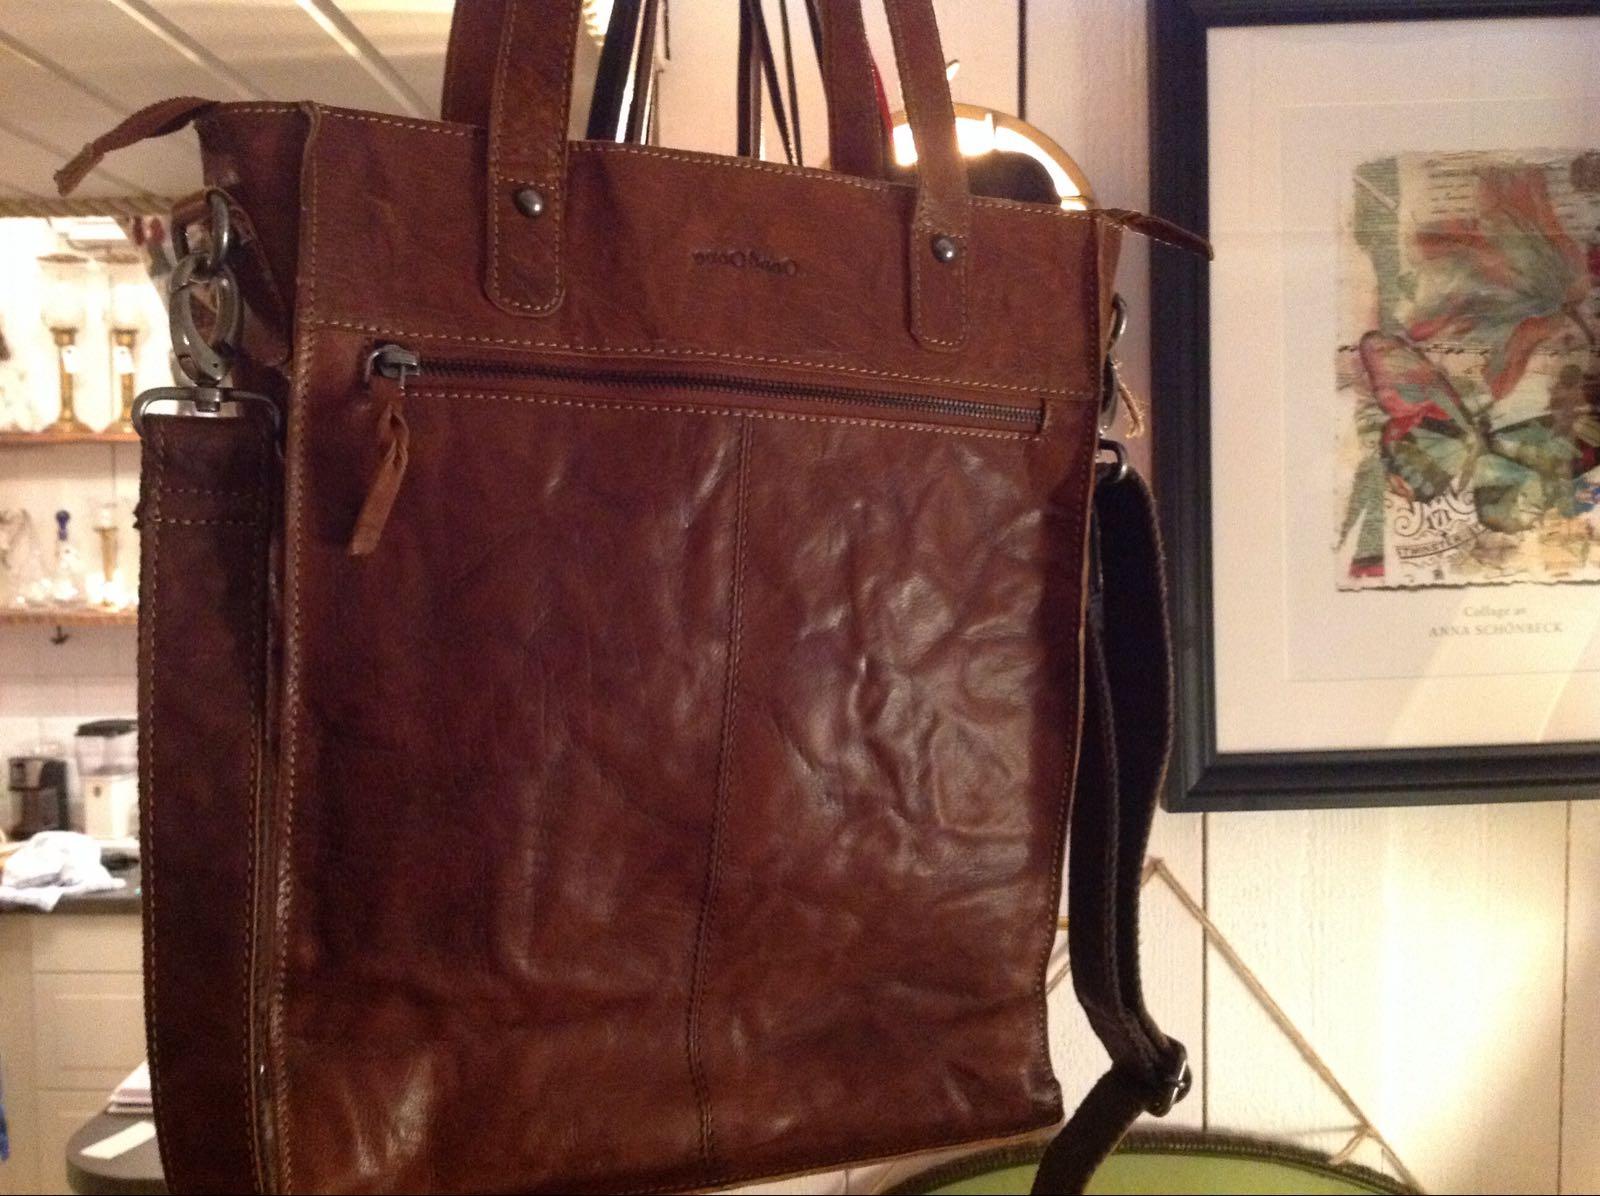 Väska brun läder (second hand)